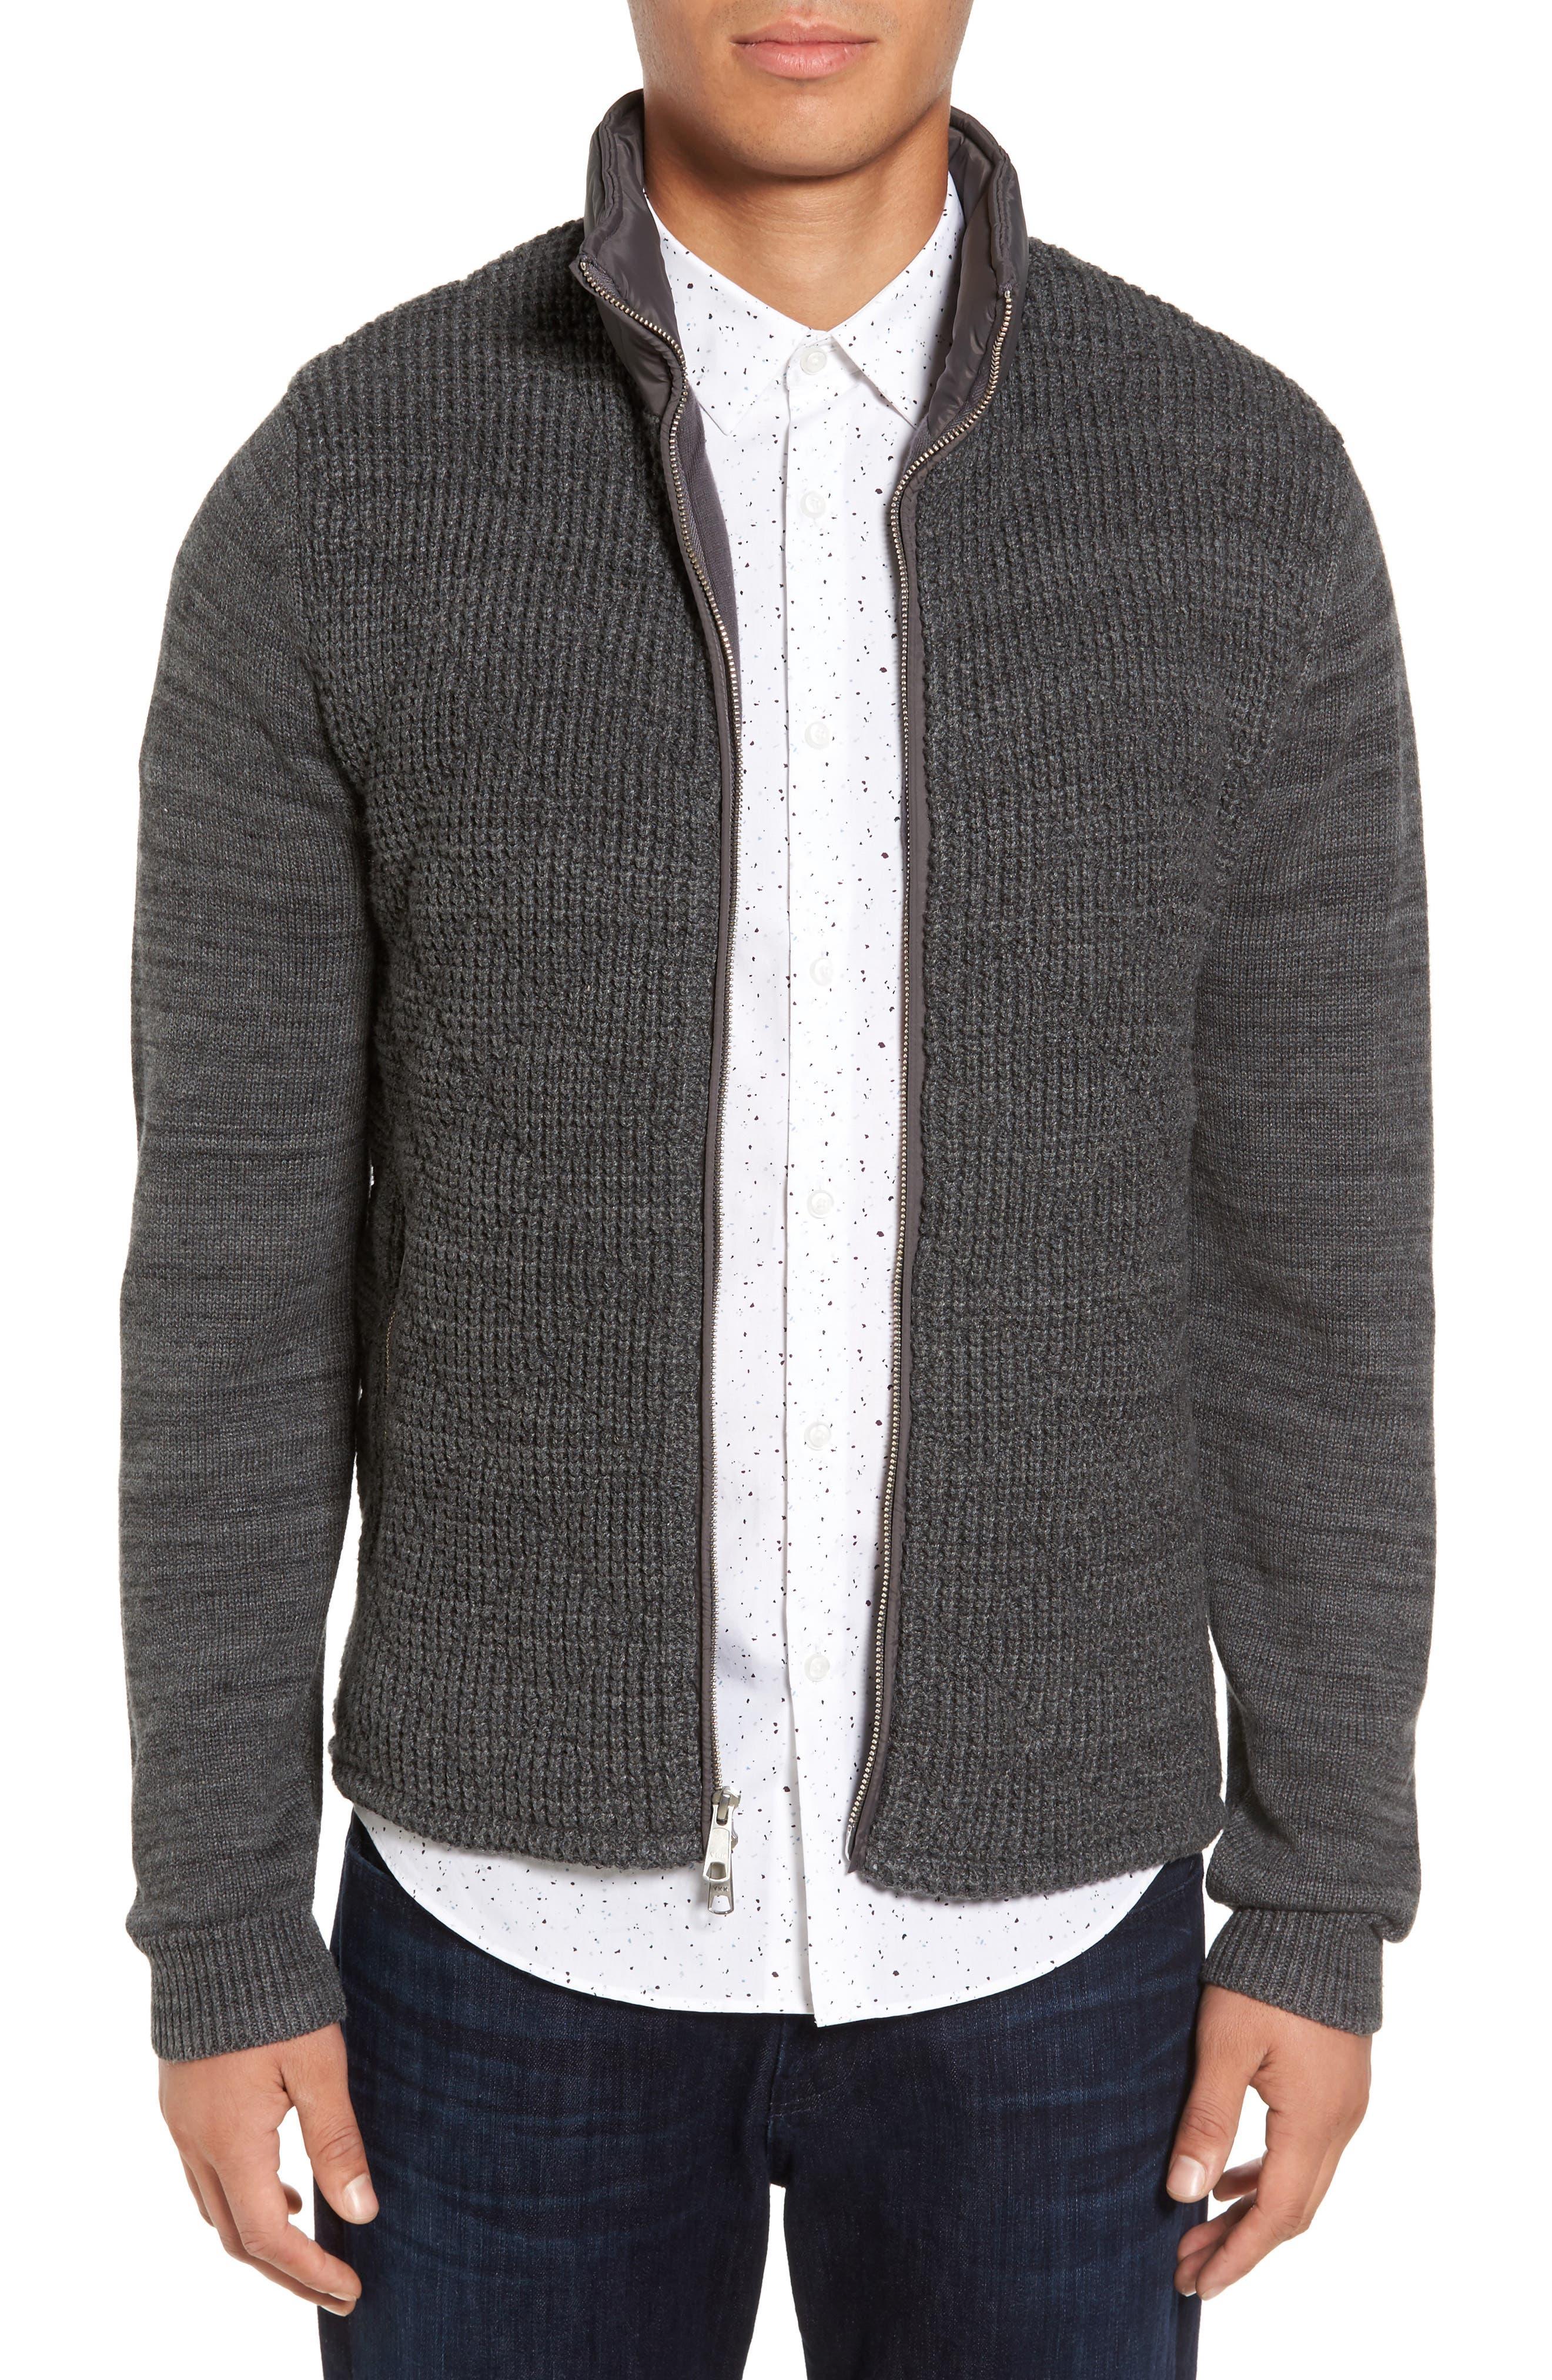 Alternate Image 1 Selected - Calibrate Mixed Media Full Zip Sweater